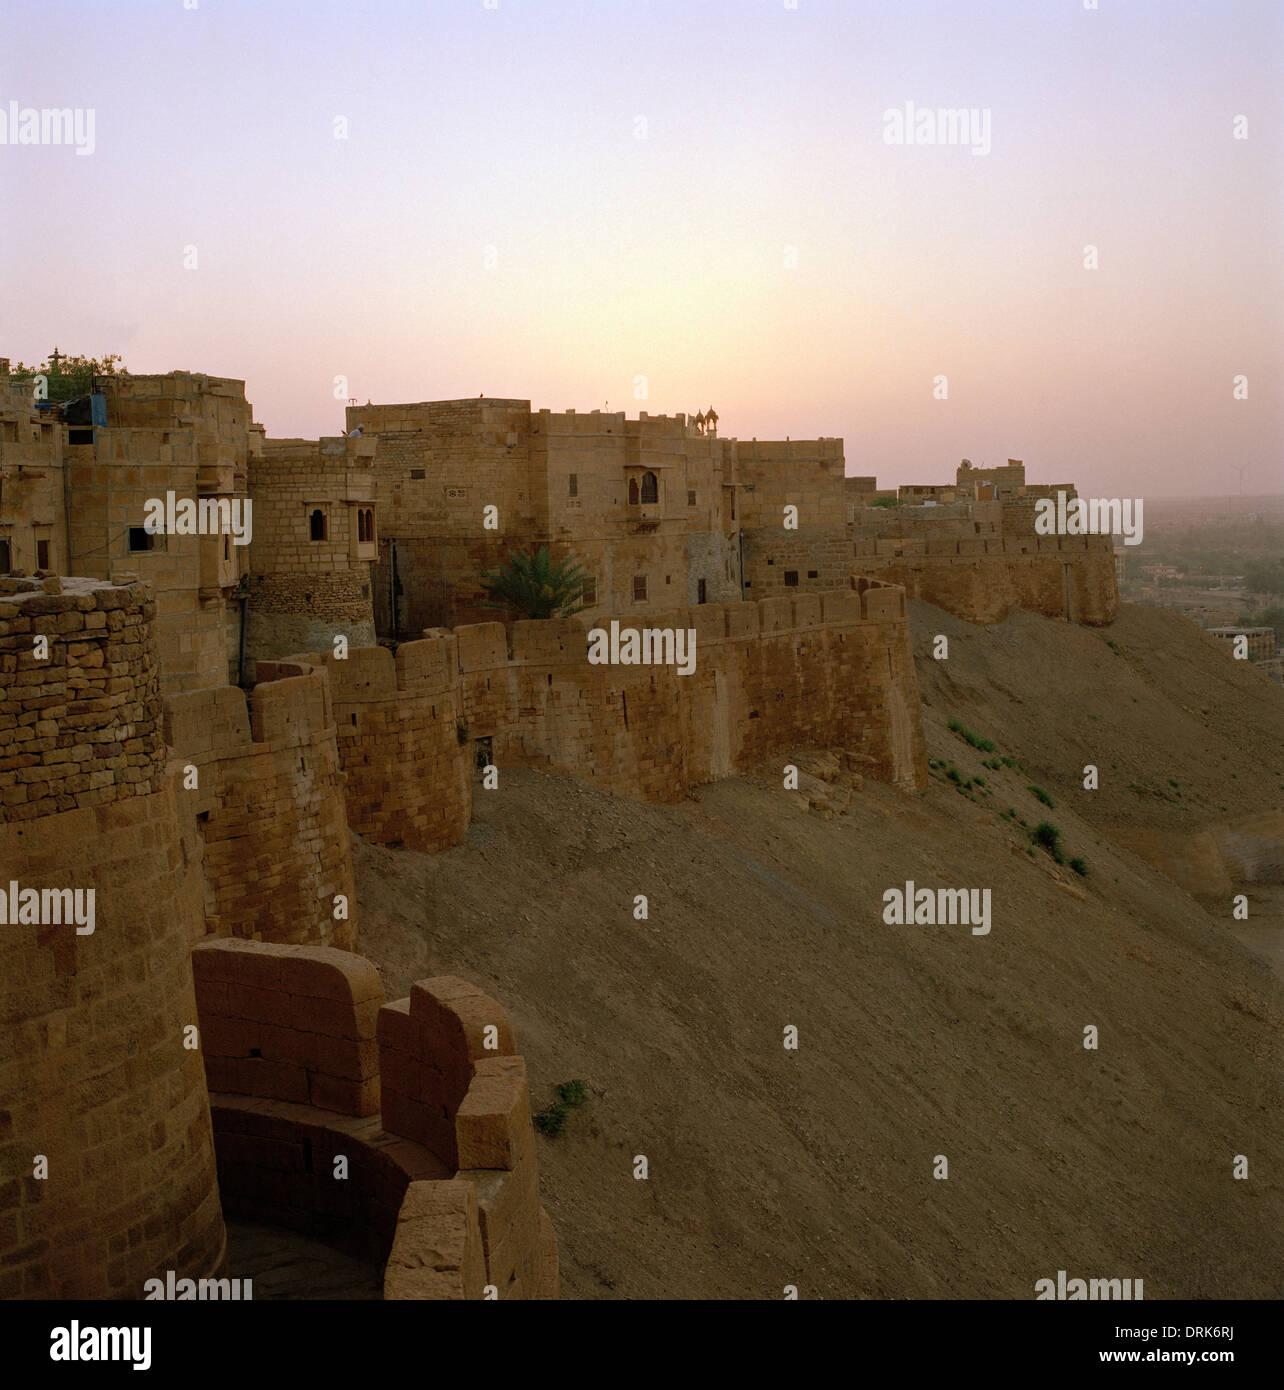 Amanecer amanecer vista a las murallas de la fortaleza de Jaisalmer en Rajasthan en la India en el sur de Asia. Foto de stock